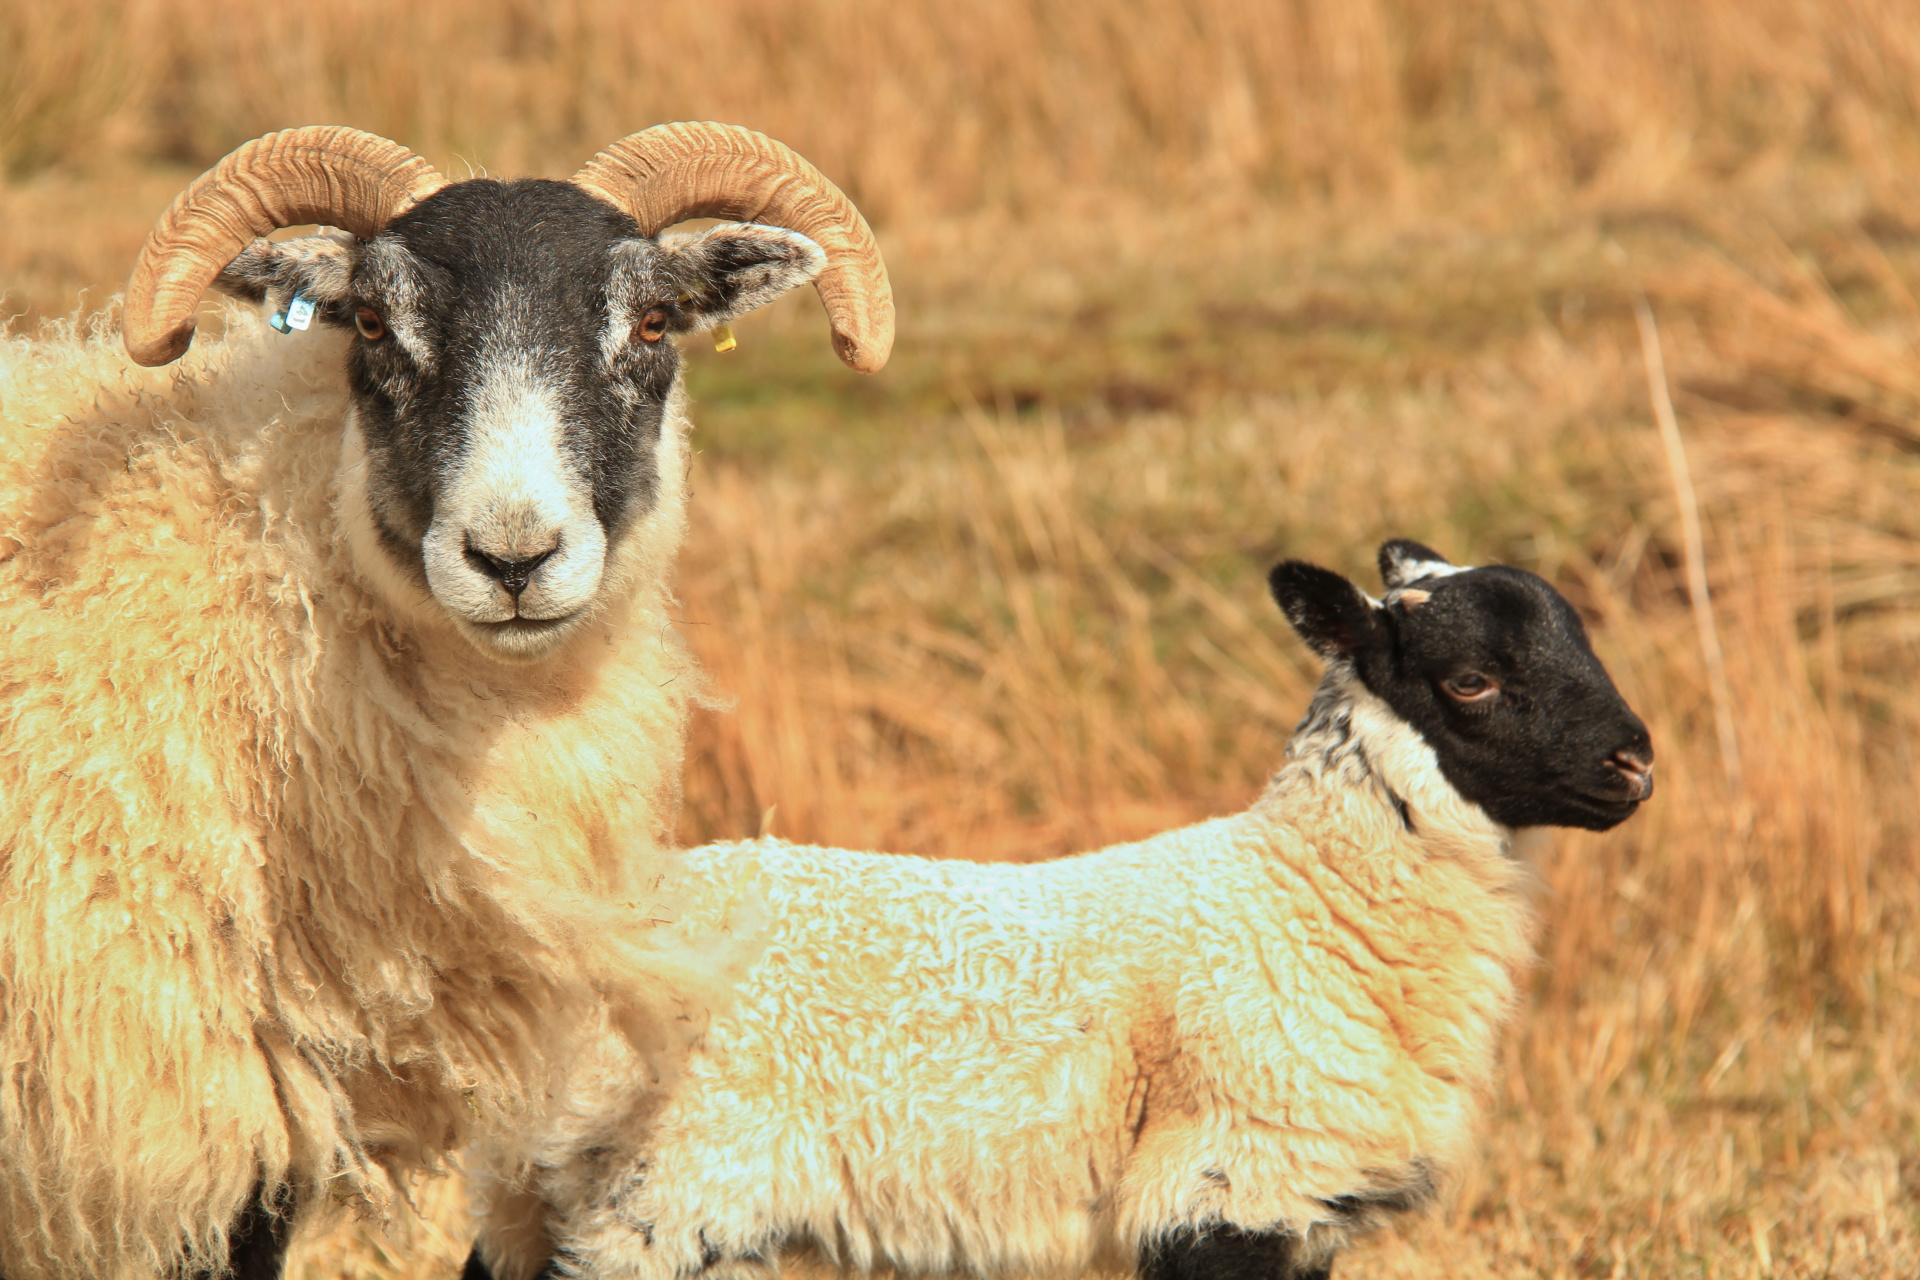 Scottish black face sheep and lamb